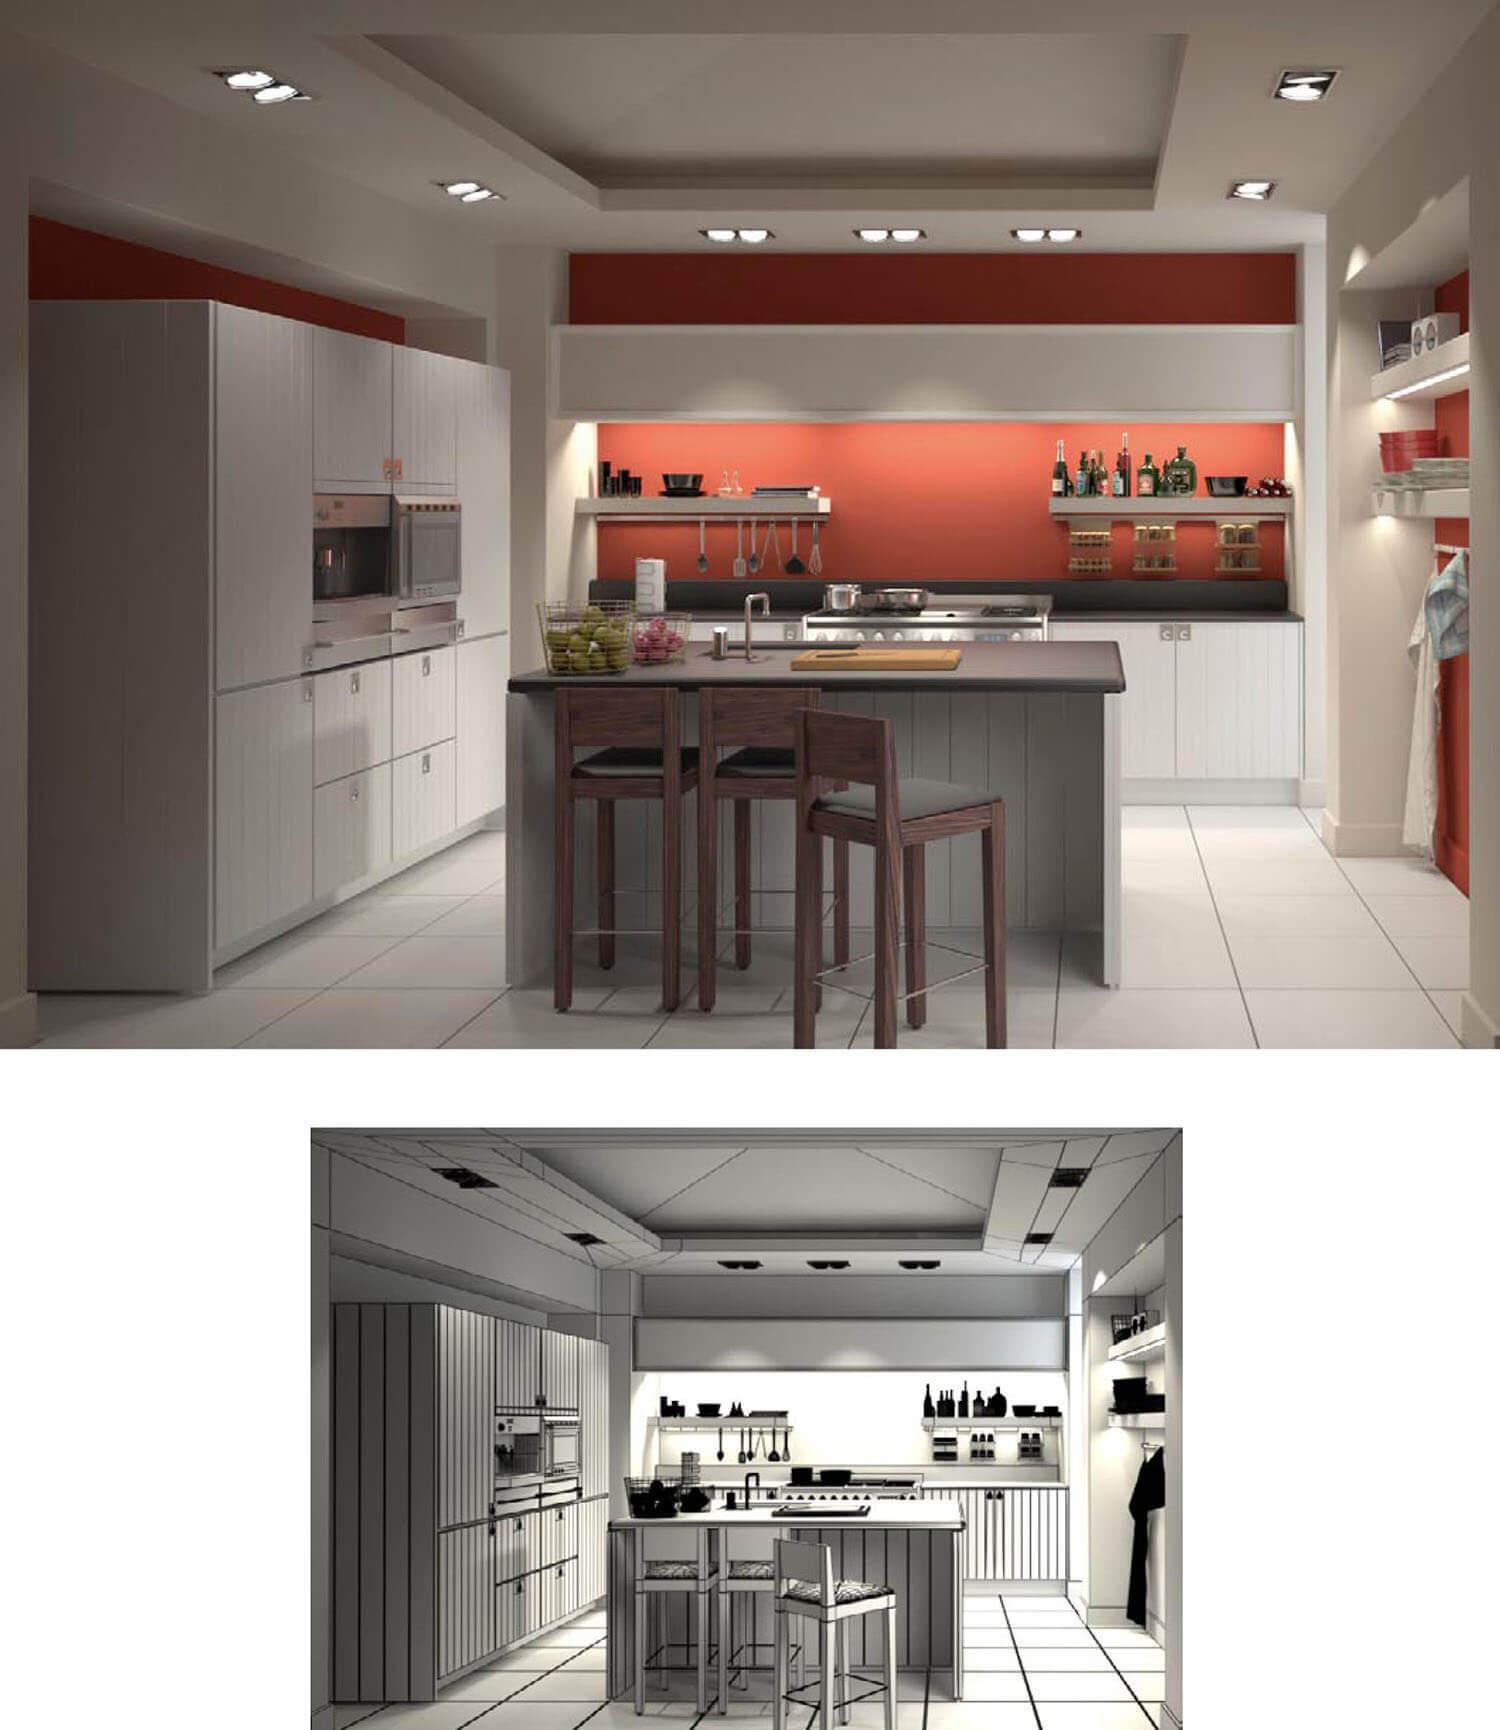 không gian phòng bếp sang trọng sử dụng hệ thống tủ bếp hiện đại